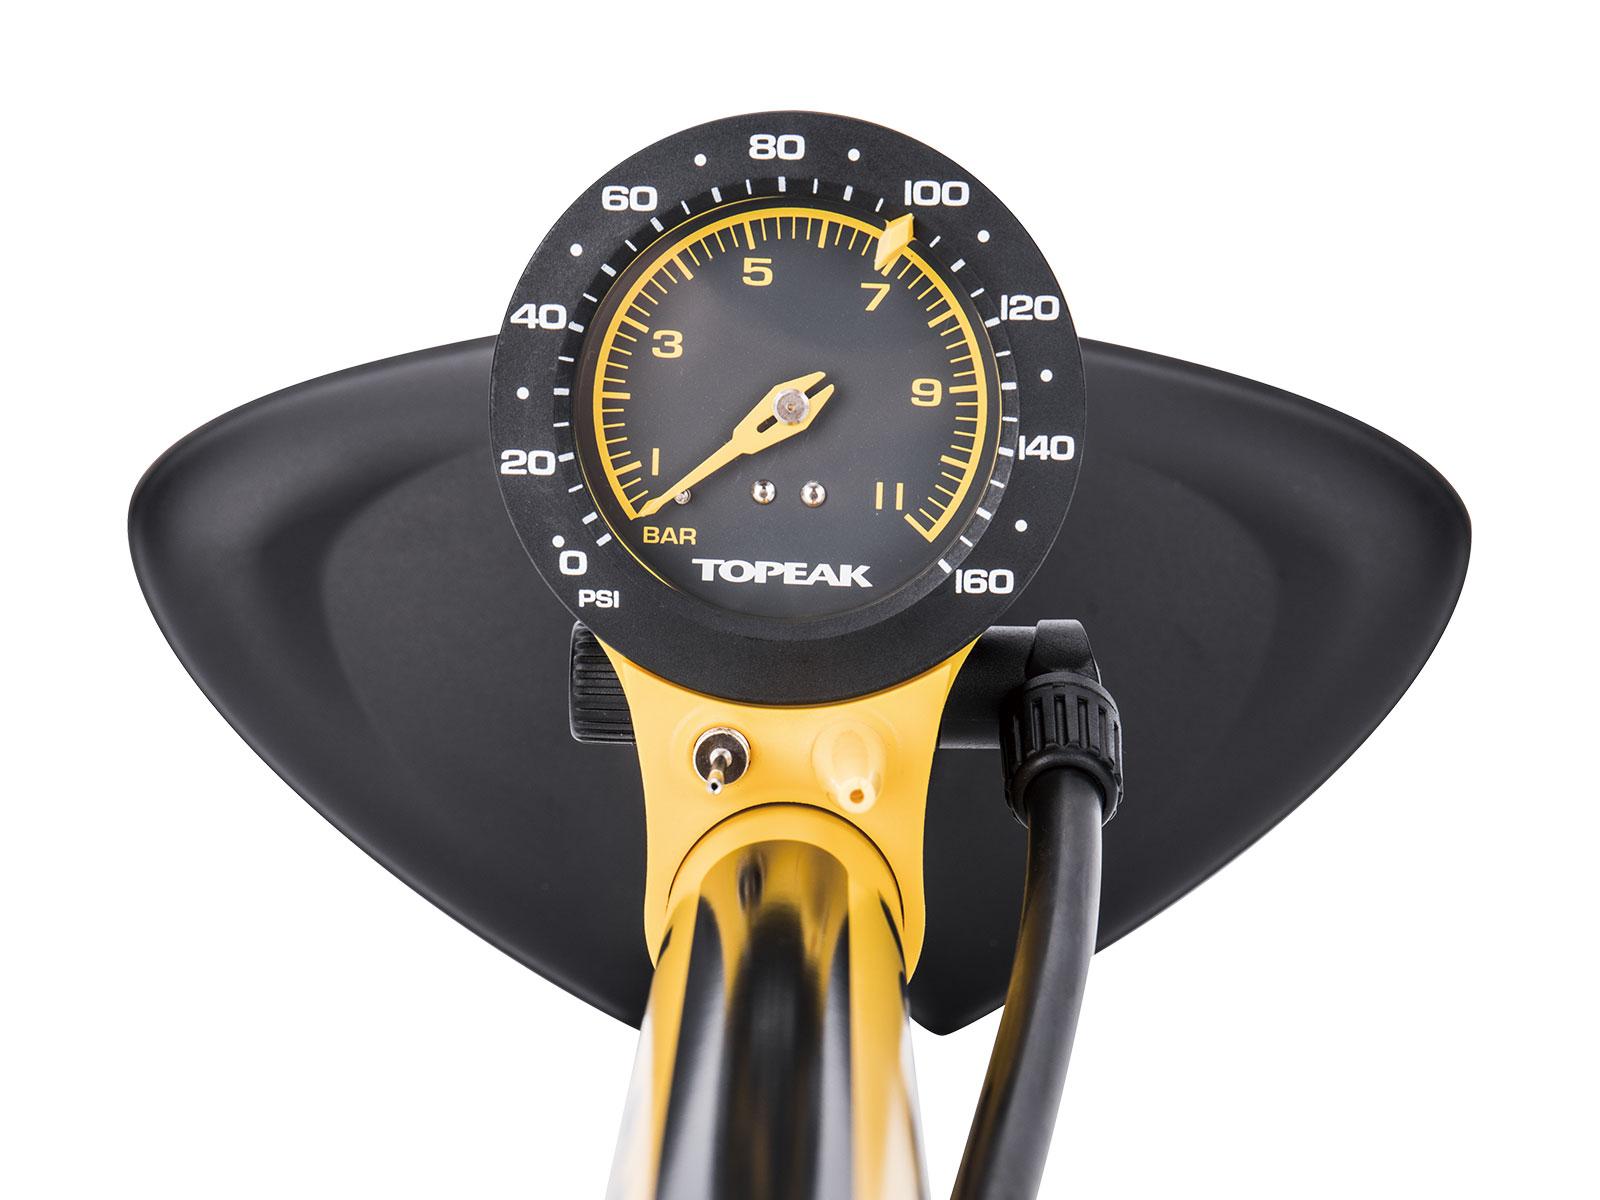 topeak-joeblow-sport-iii-high-pressure-tire-floor-pump-pressure-gauge